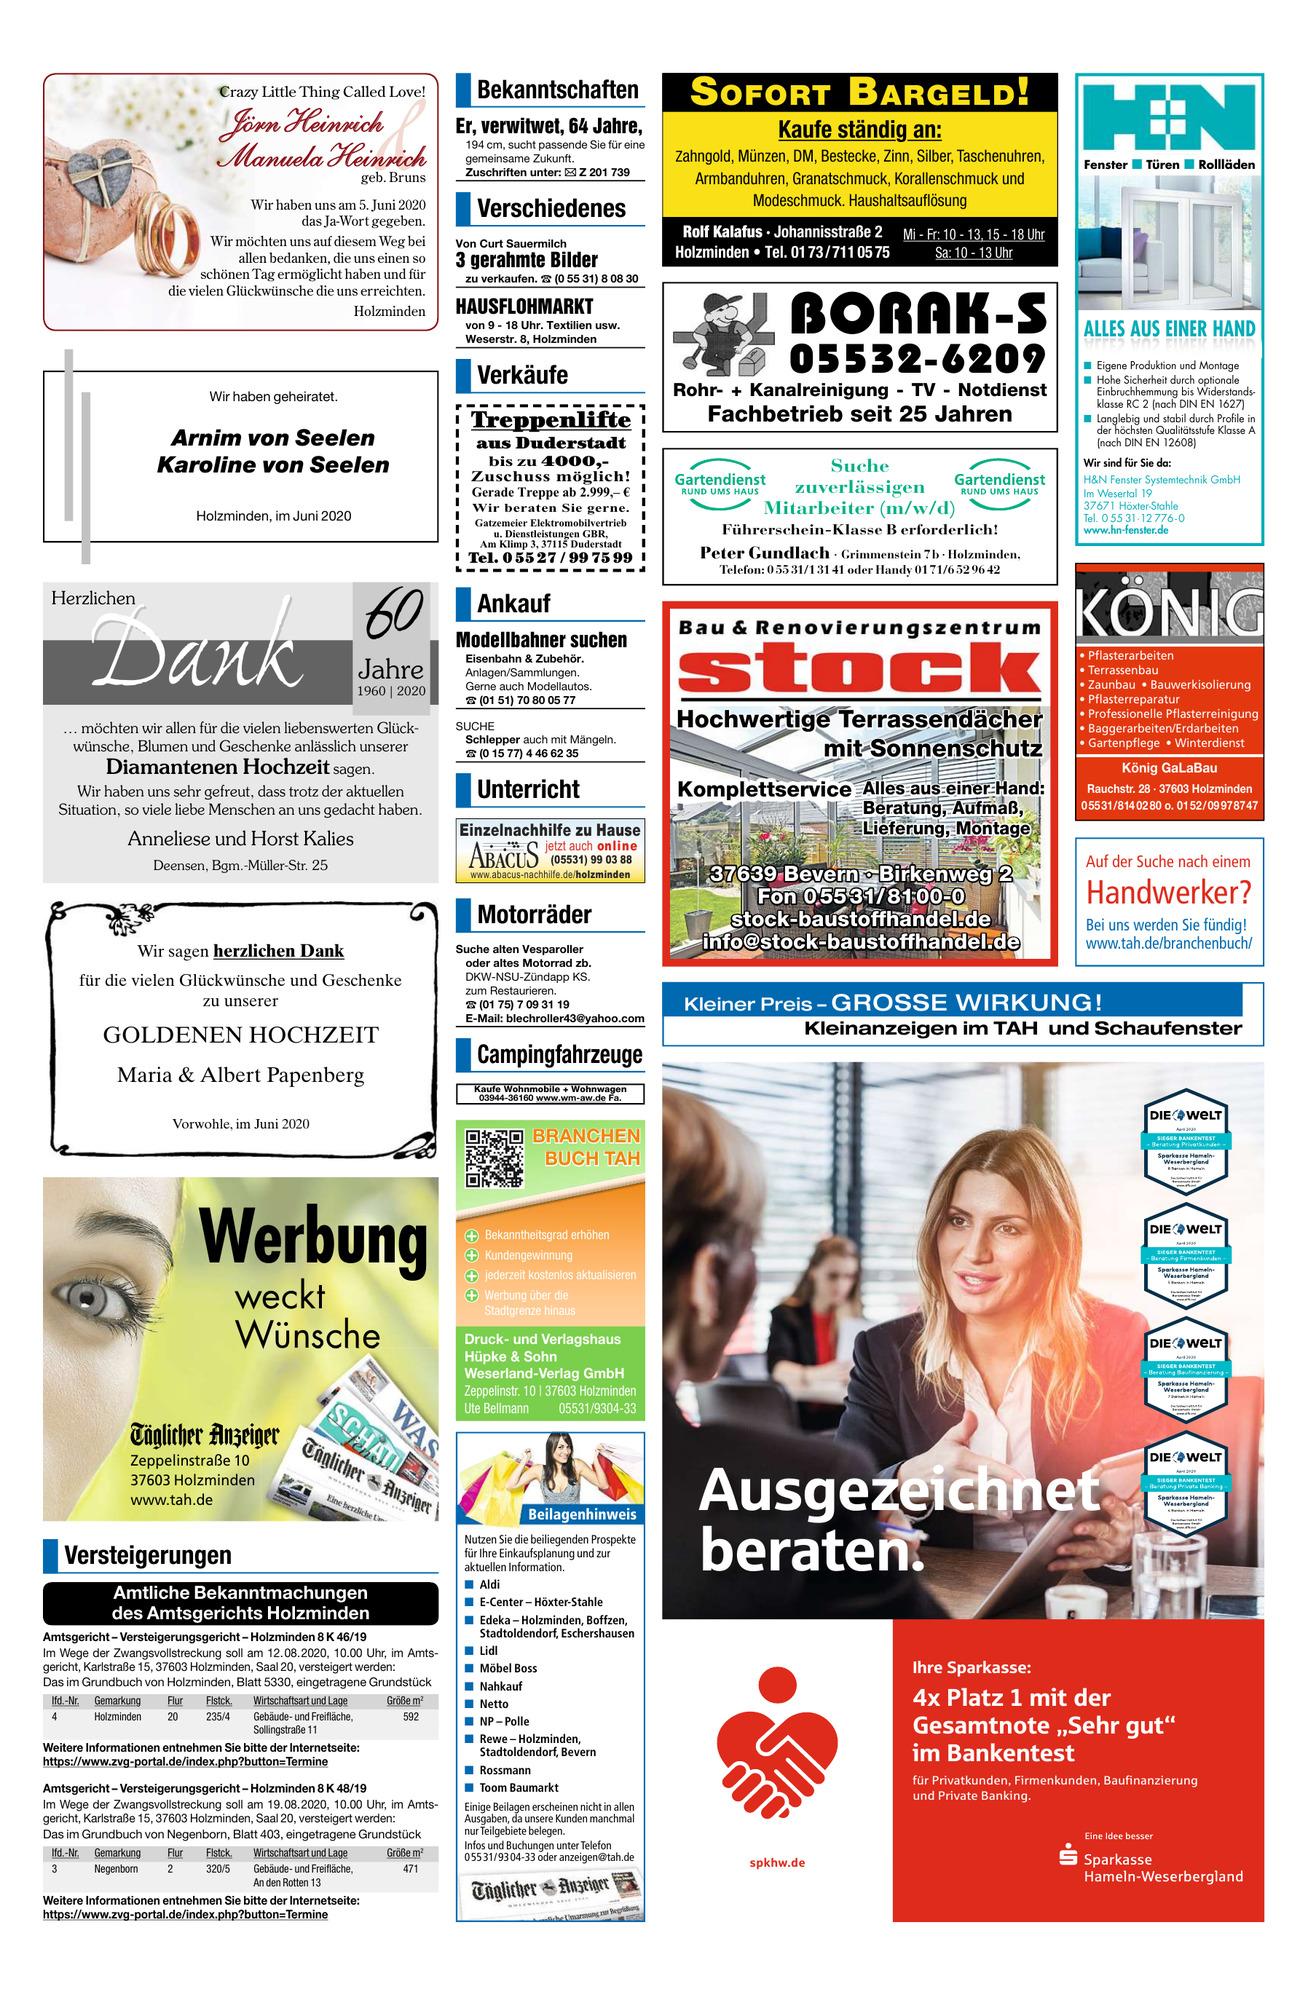 Täglicher Anzeiger Holzminden kündigen - so schnell geht's | blogger.com